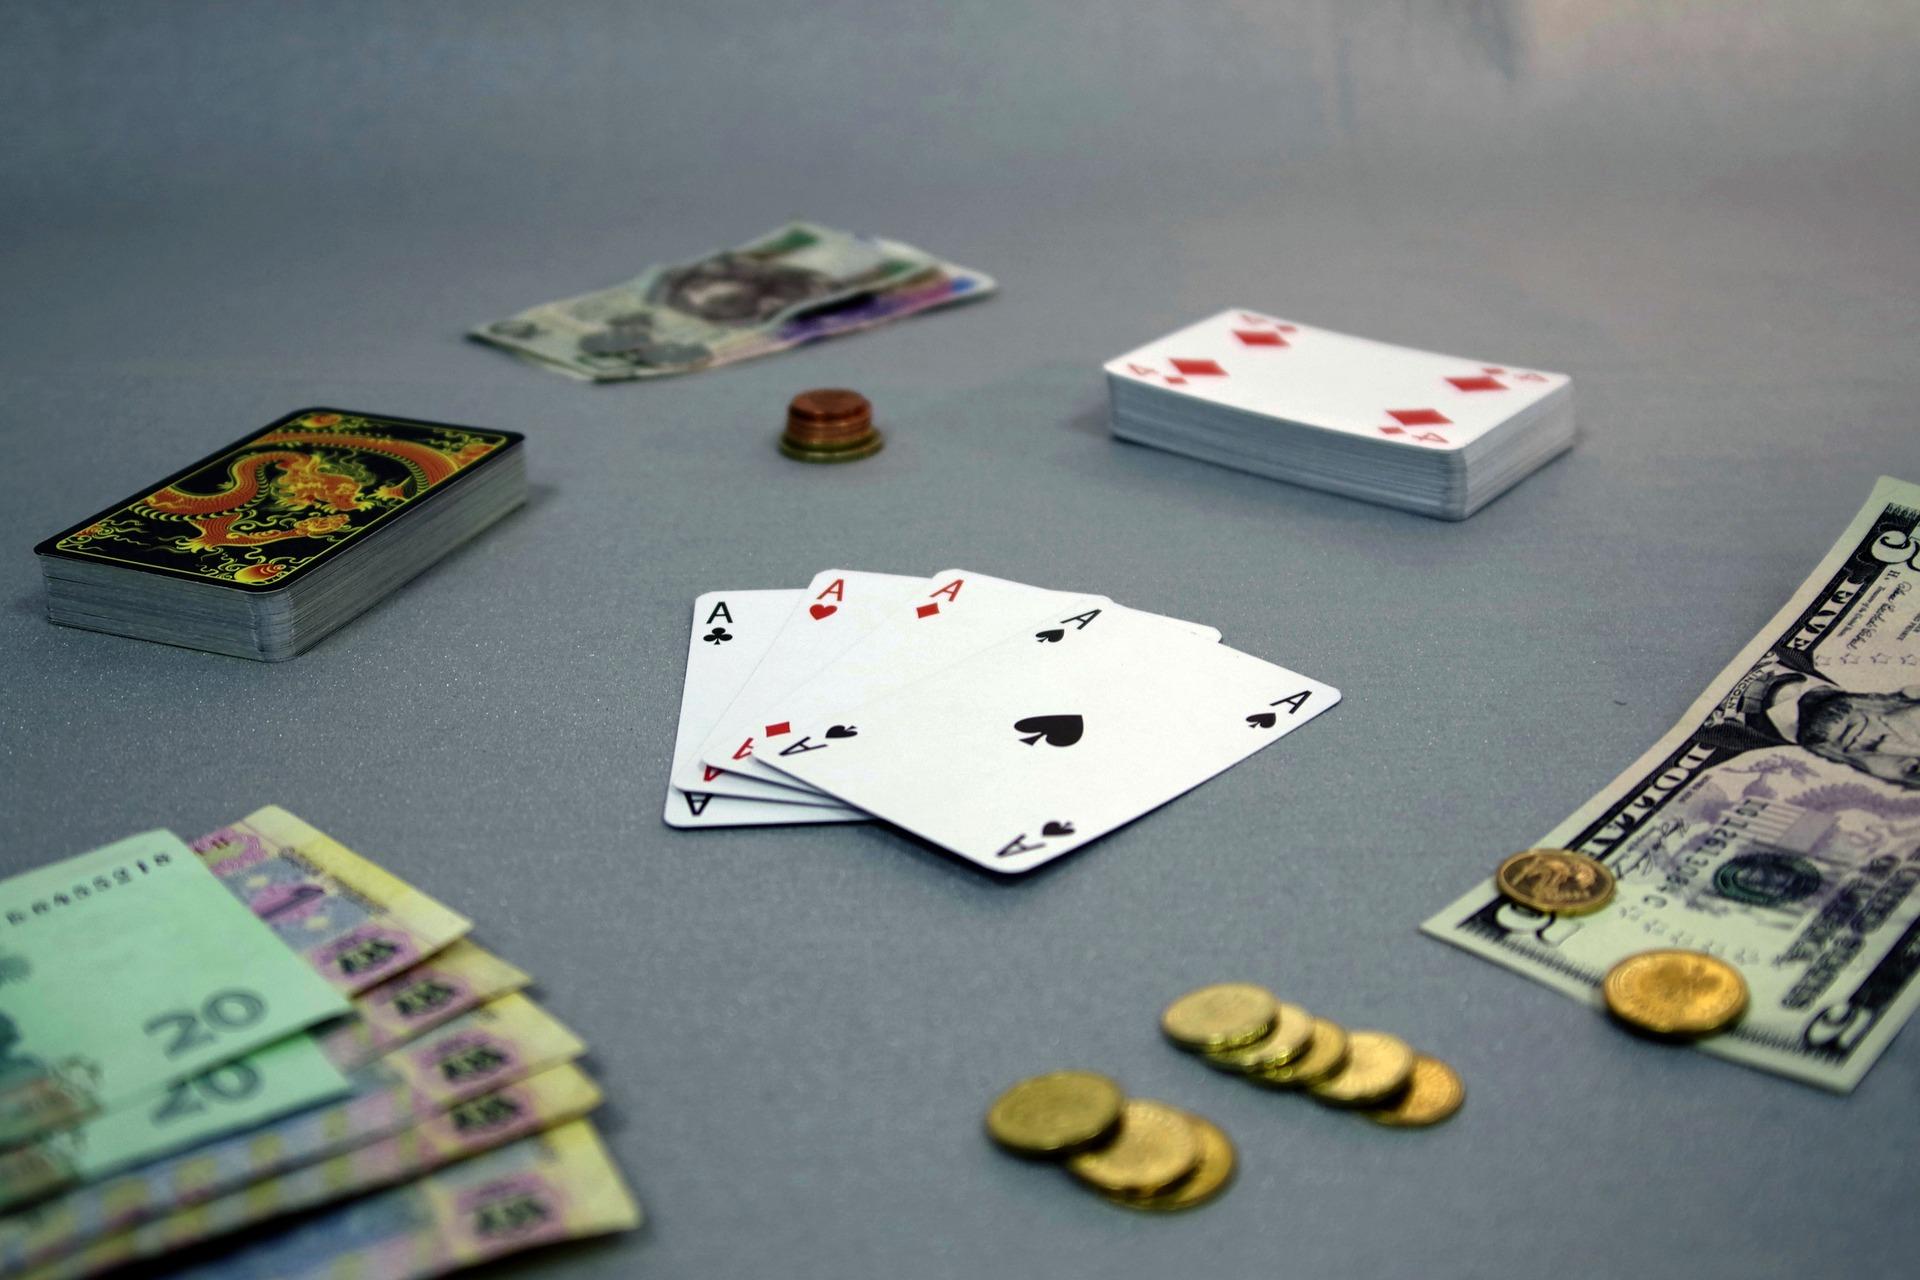 Я проигралась в карты, Как меня в первый раз проиграли в карты. - Мой Первый 1 фотография